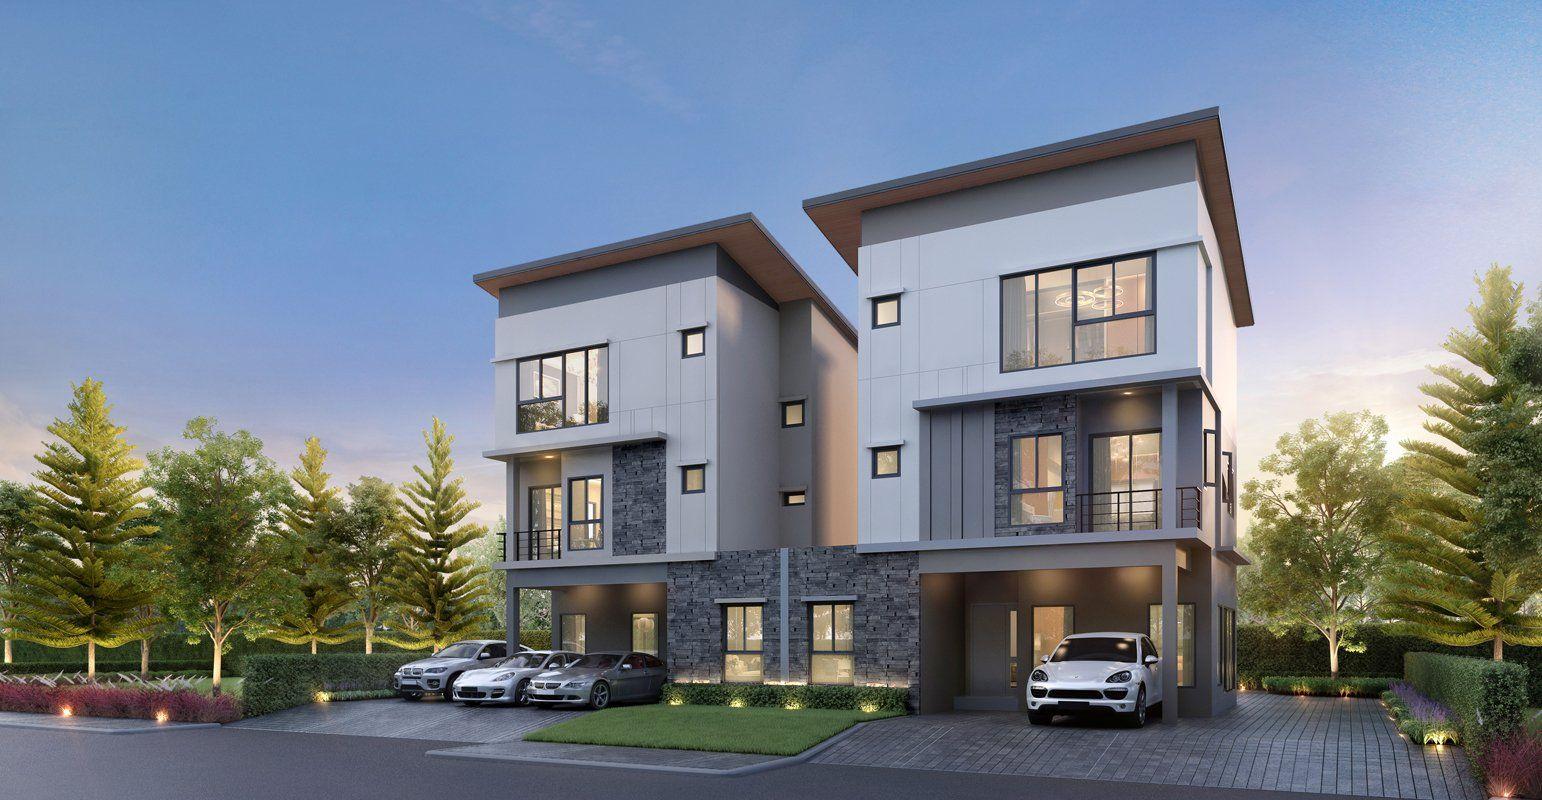 บ้านกลางเมือง ดิ อิดิชั่น พระราม 9 - กรุงเทพกรีฑา (Baan Klang Muang The Edition Rama 9 - Krungthepkreetha) ราคา-สเปค-โปรโมชั่น